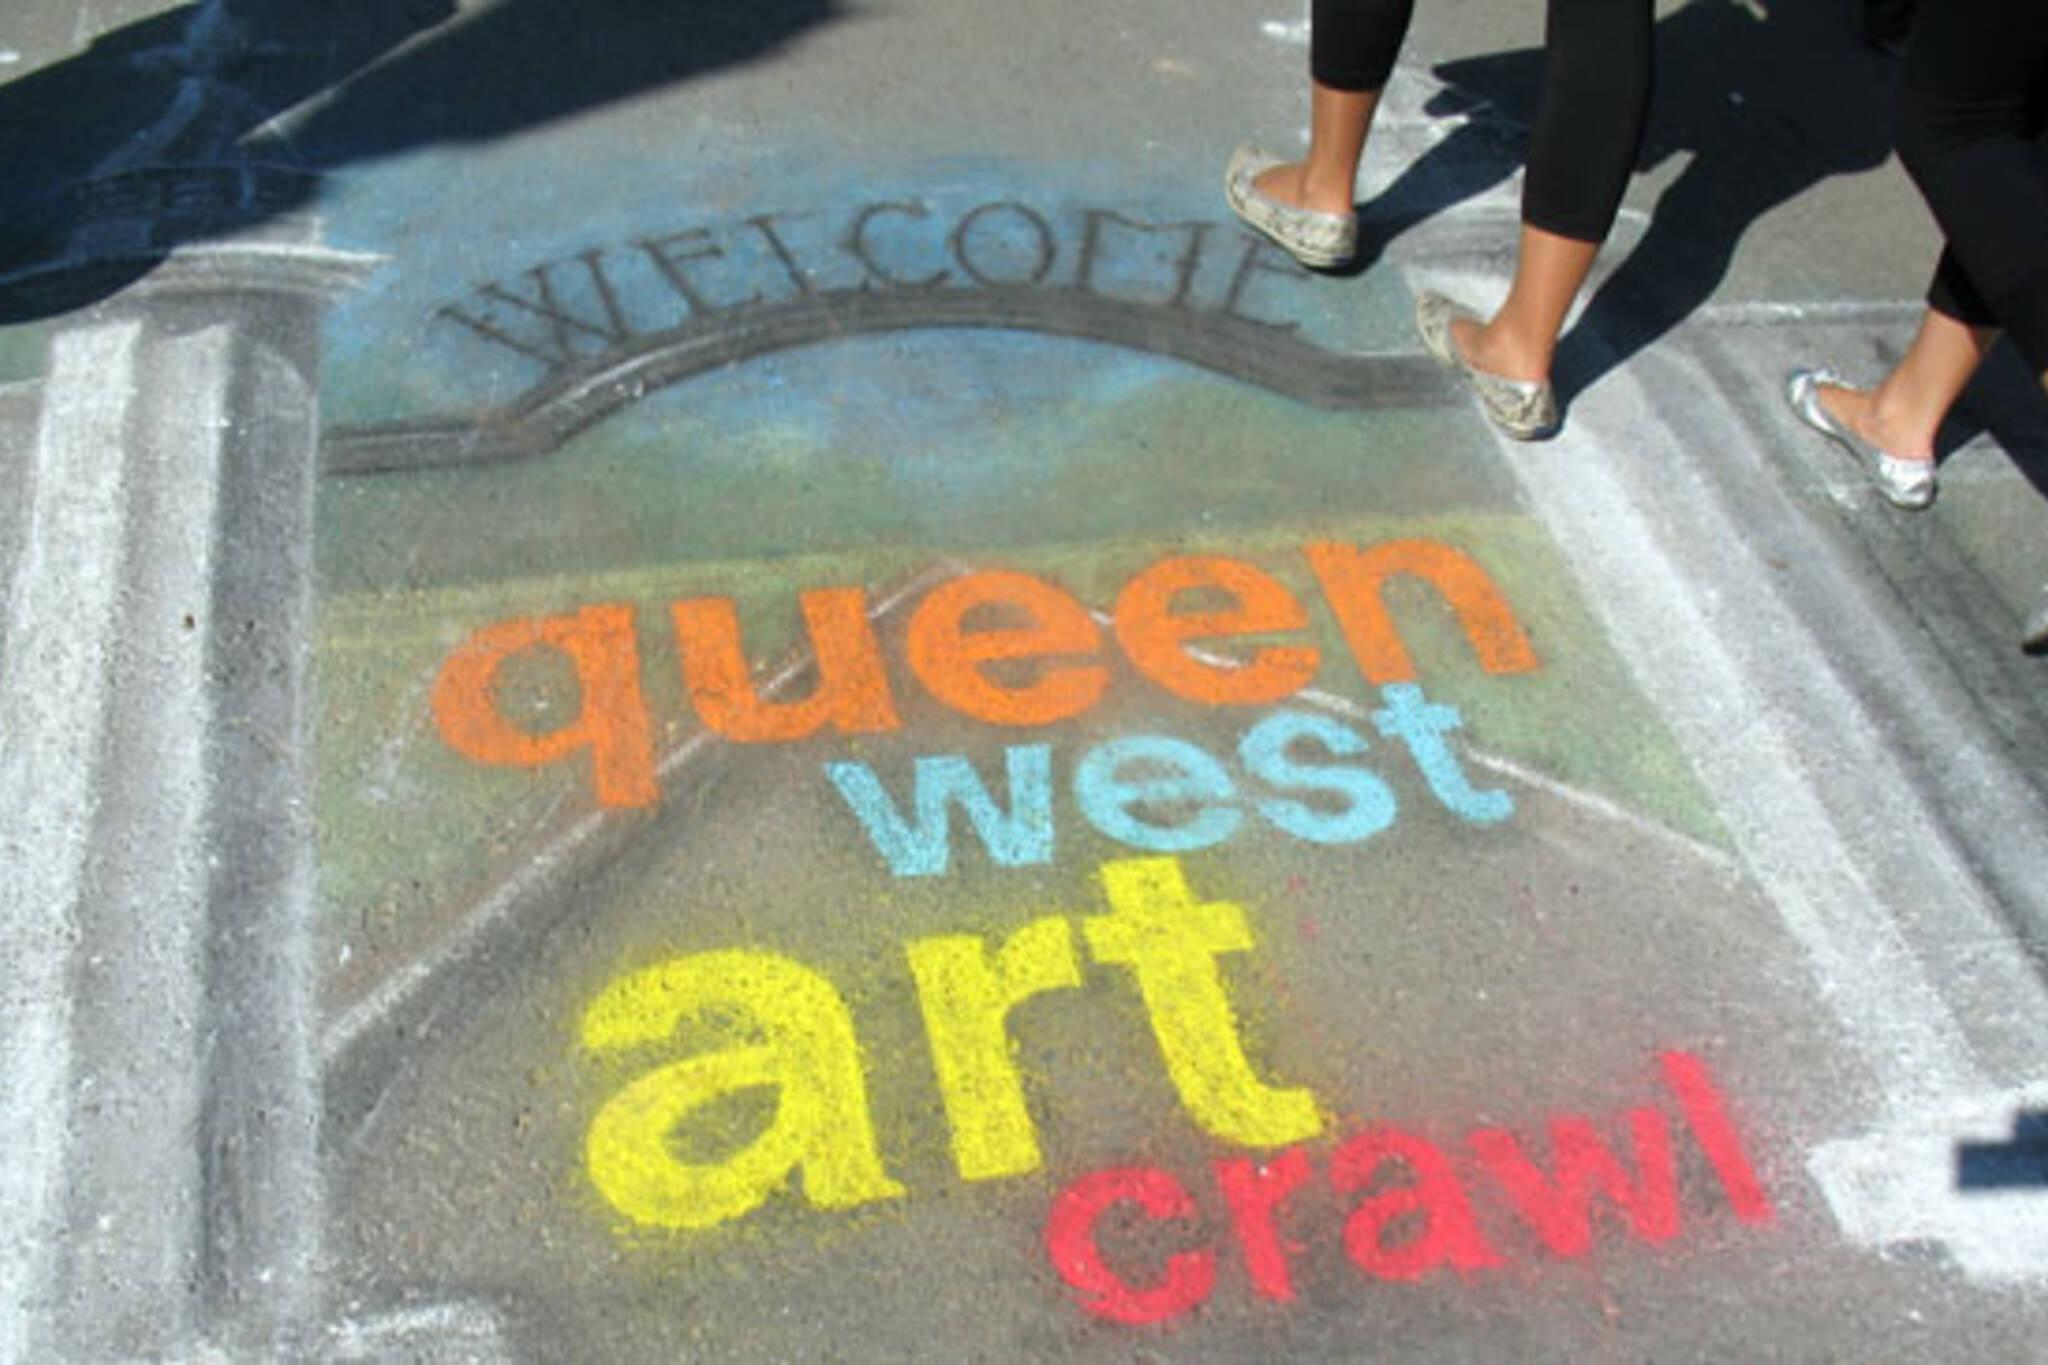 Queen West Art Crawl